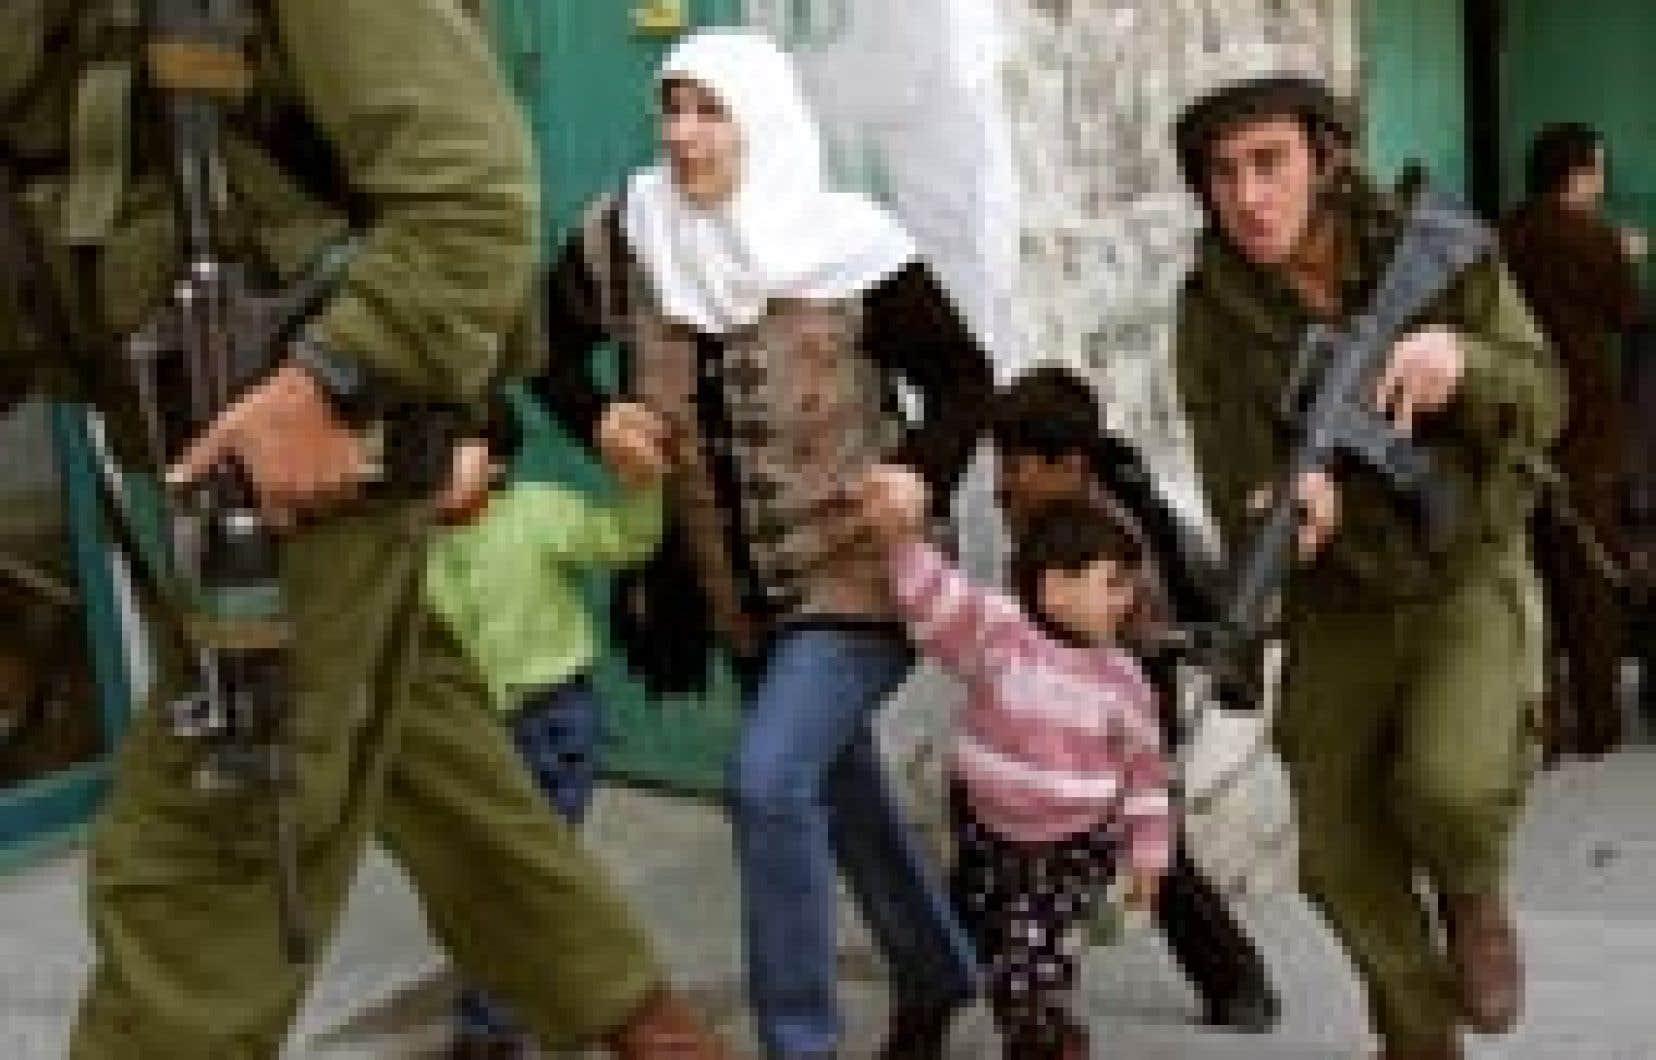 Soldats israéliens dans les rues d'Hébron hier. Dans la bande de Gaza, les forces israéliennes ont abattu deux personnes lors d'un raid. Quelques heures plus tard, un hélicoptère de Tsahal blessait quatre personnes en tentant d'abattre des act